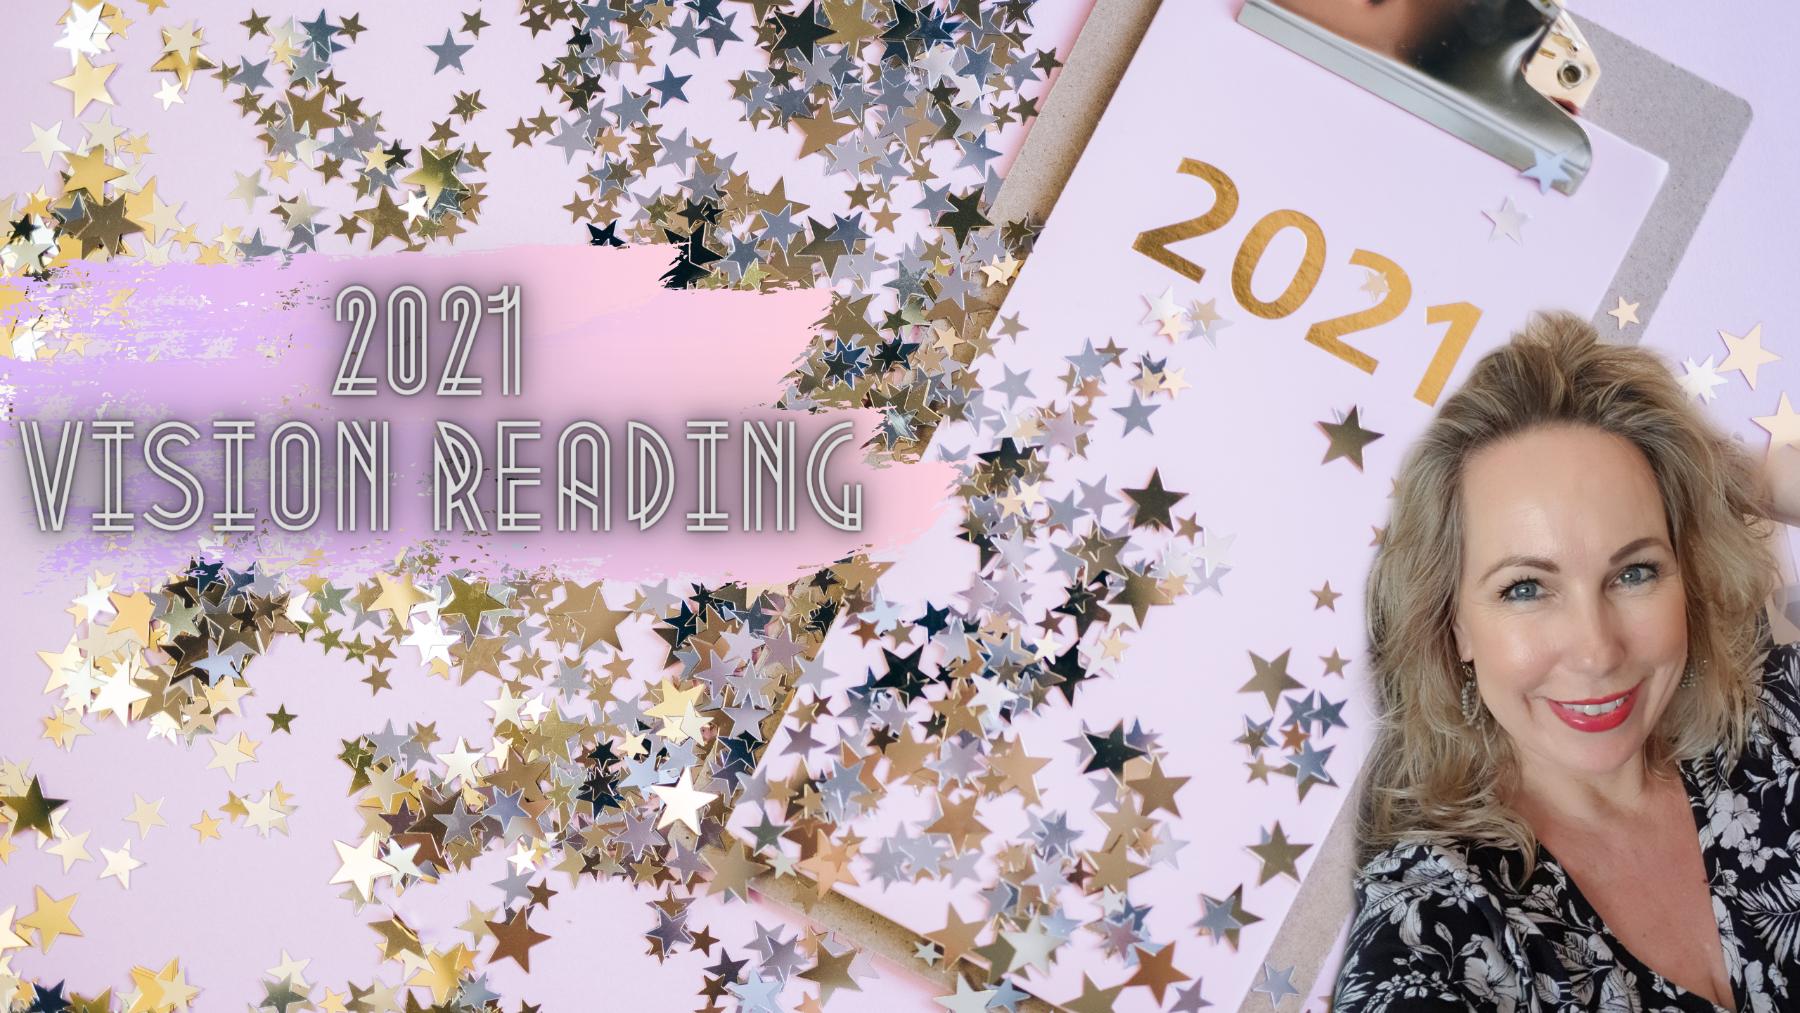 Energy reading 2021 - 1800 x 1013